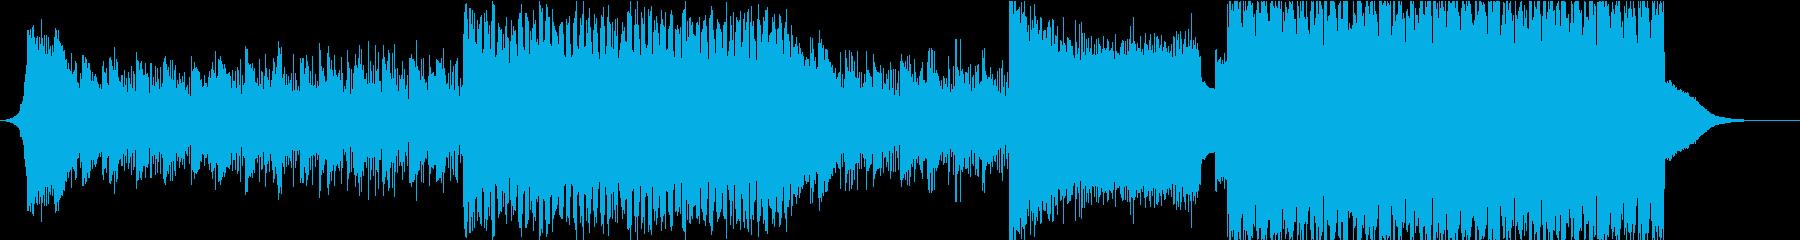 壮大なピアノサウンドの熱狂EDMの再生済みの波形